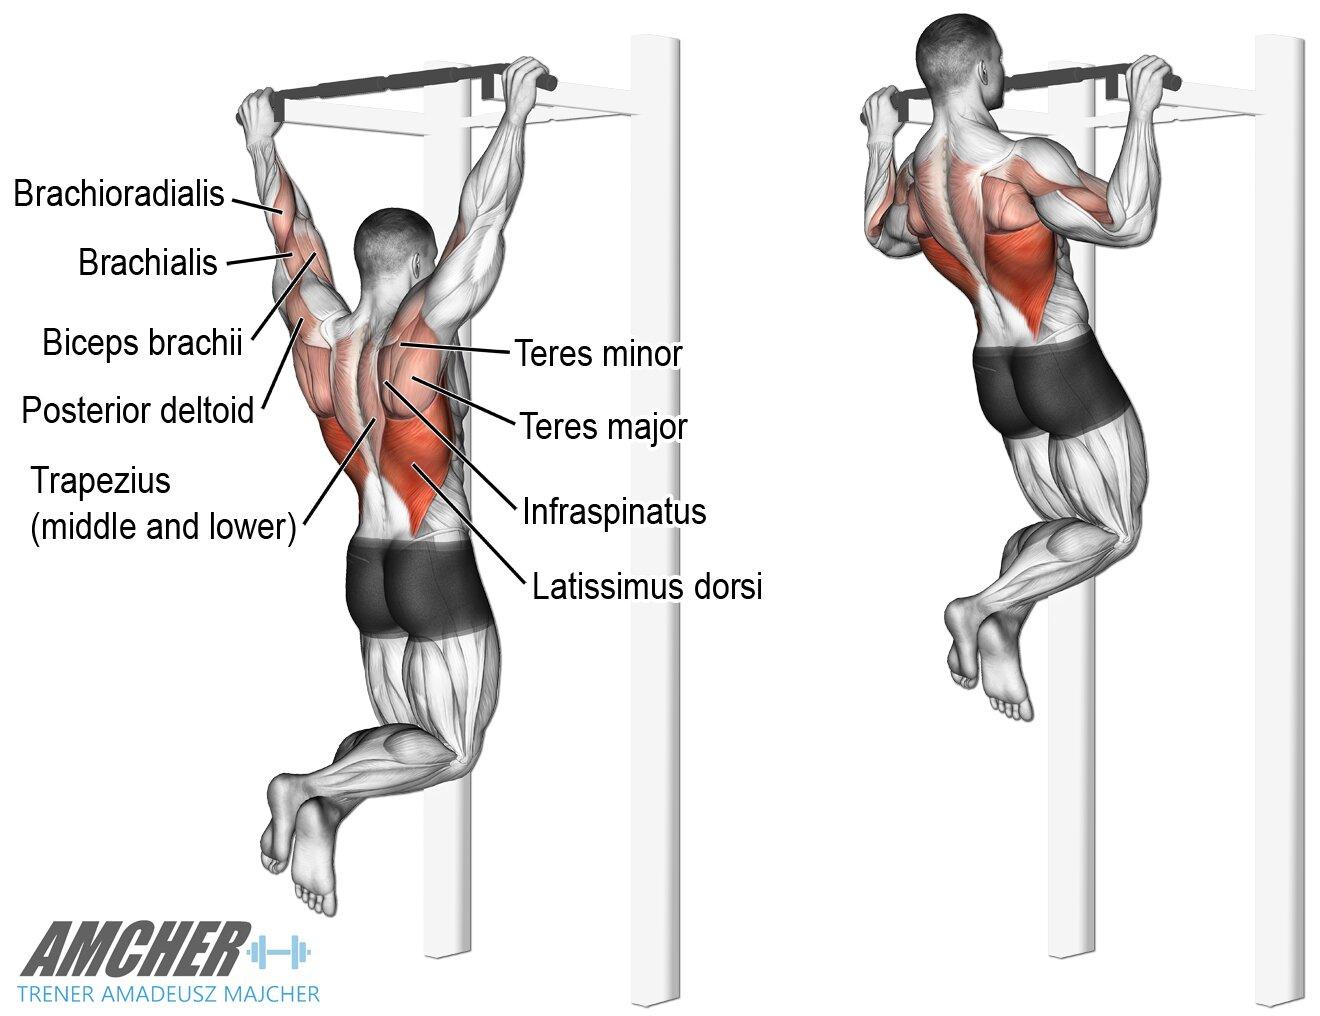 Trening pleców - podciąganie czyli najlepsze ćwiczenia na plecy